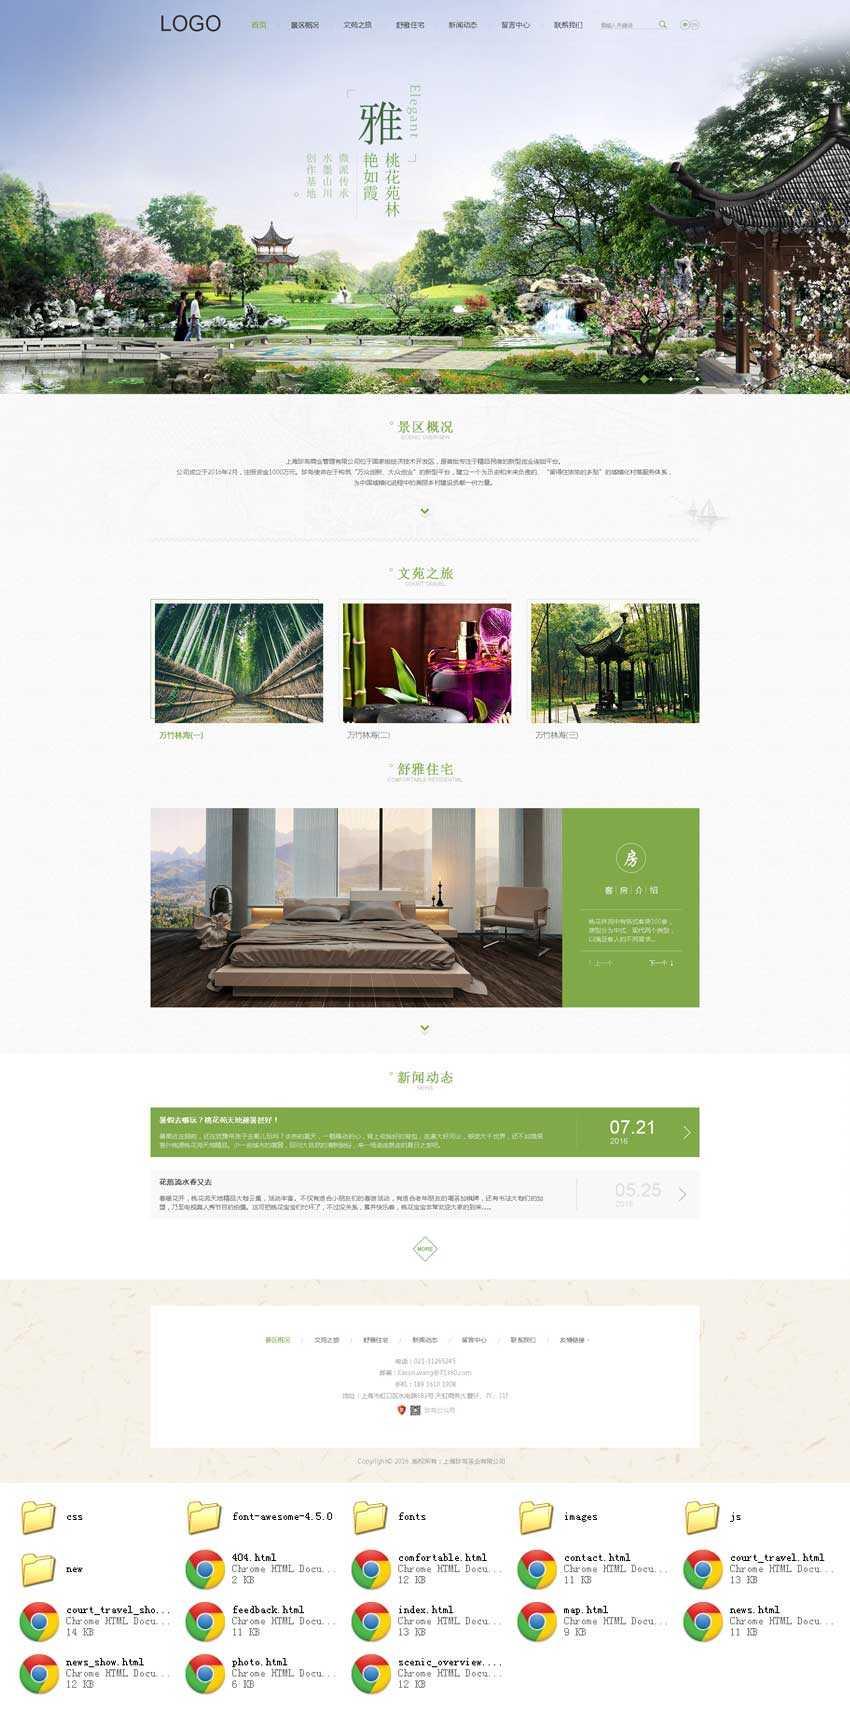 中国古典风格旅游主题网站响应式模板